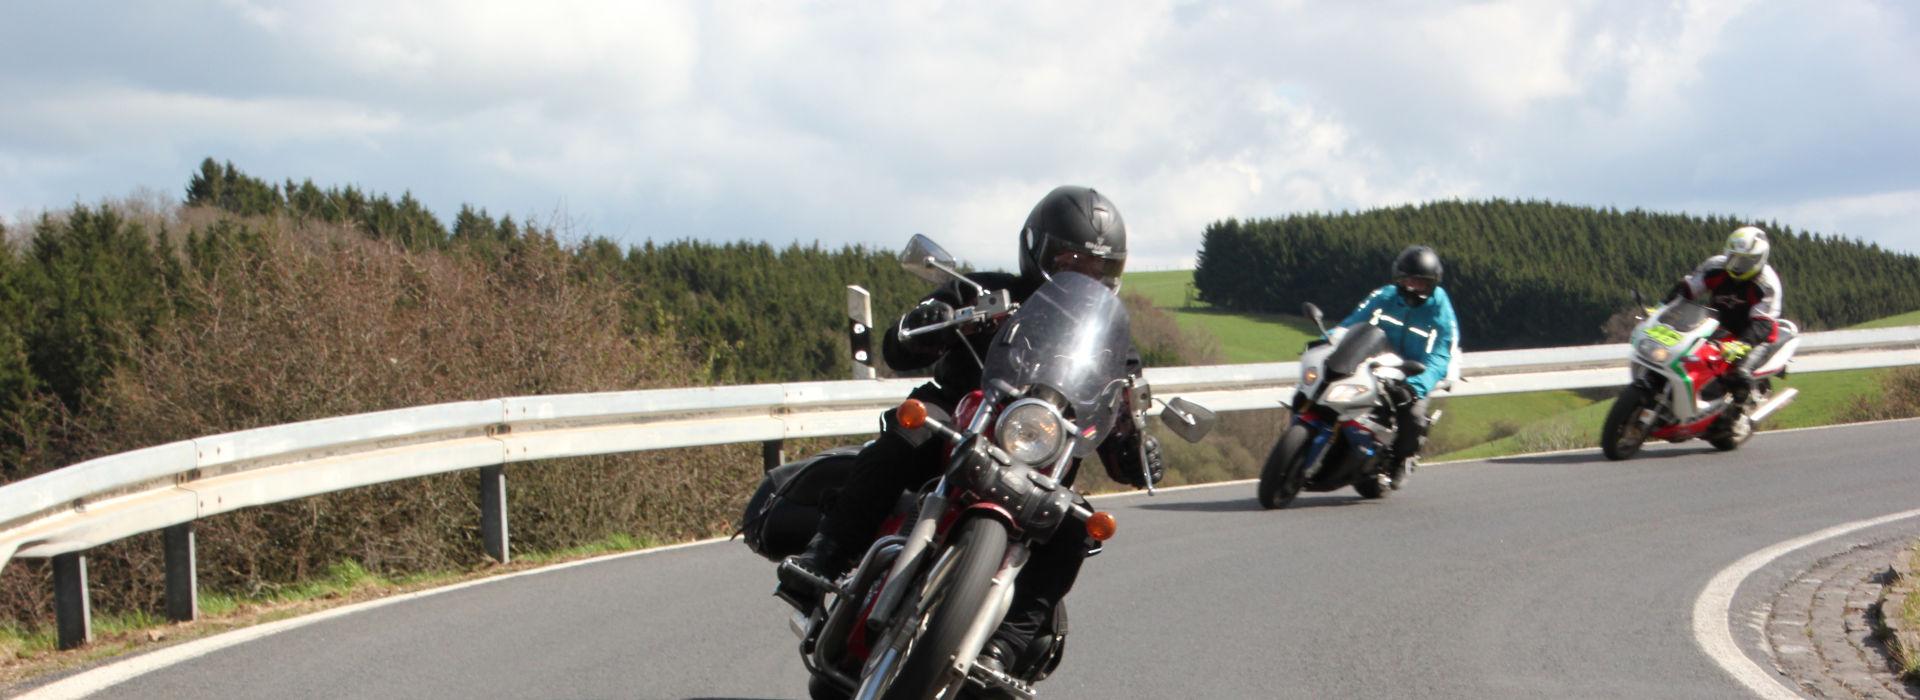 Motorrijbewijspoint Swolgen spoed motorrijbewijs